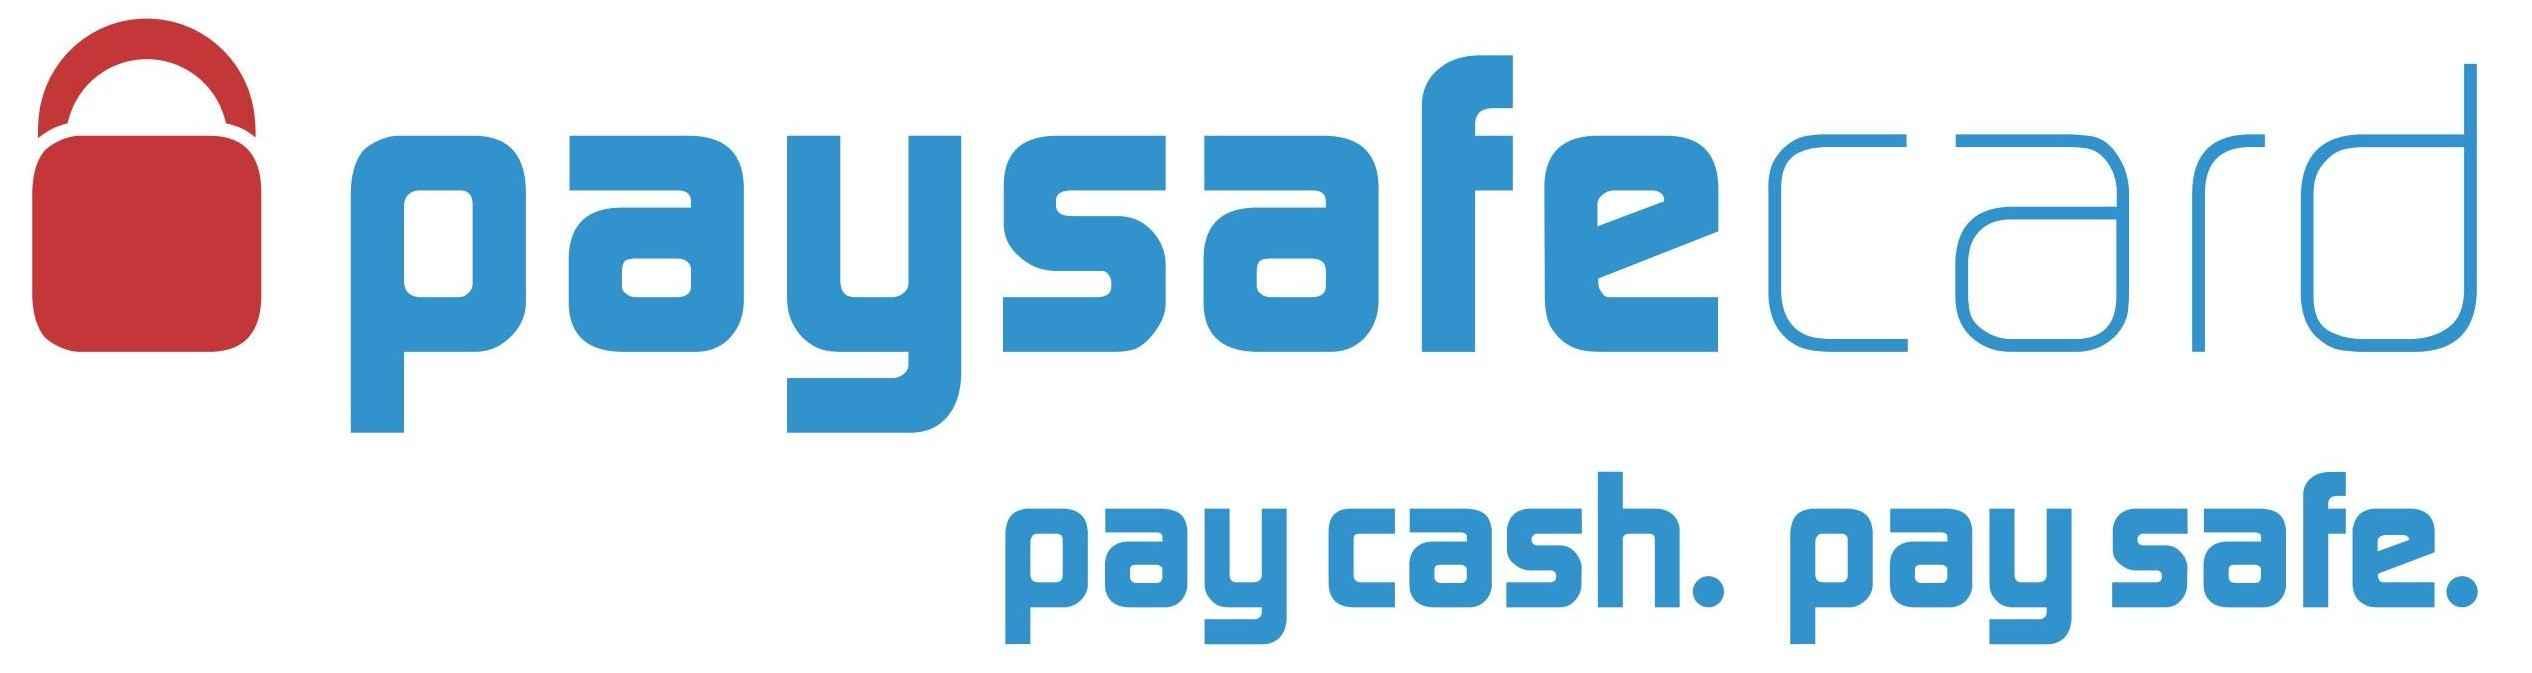 paysafecard-logo